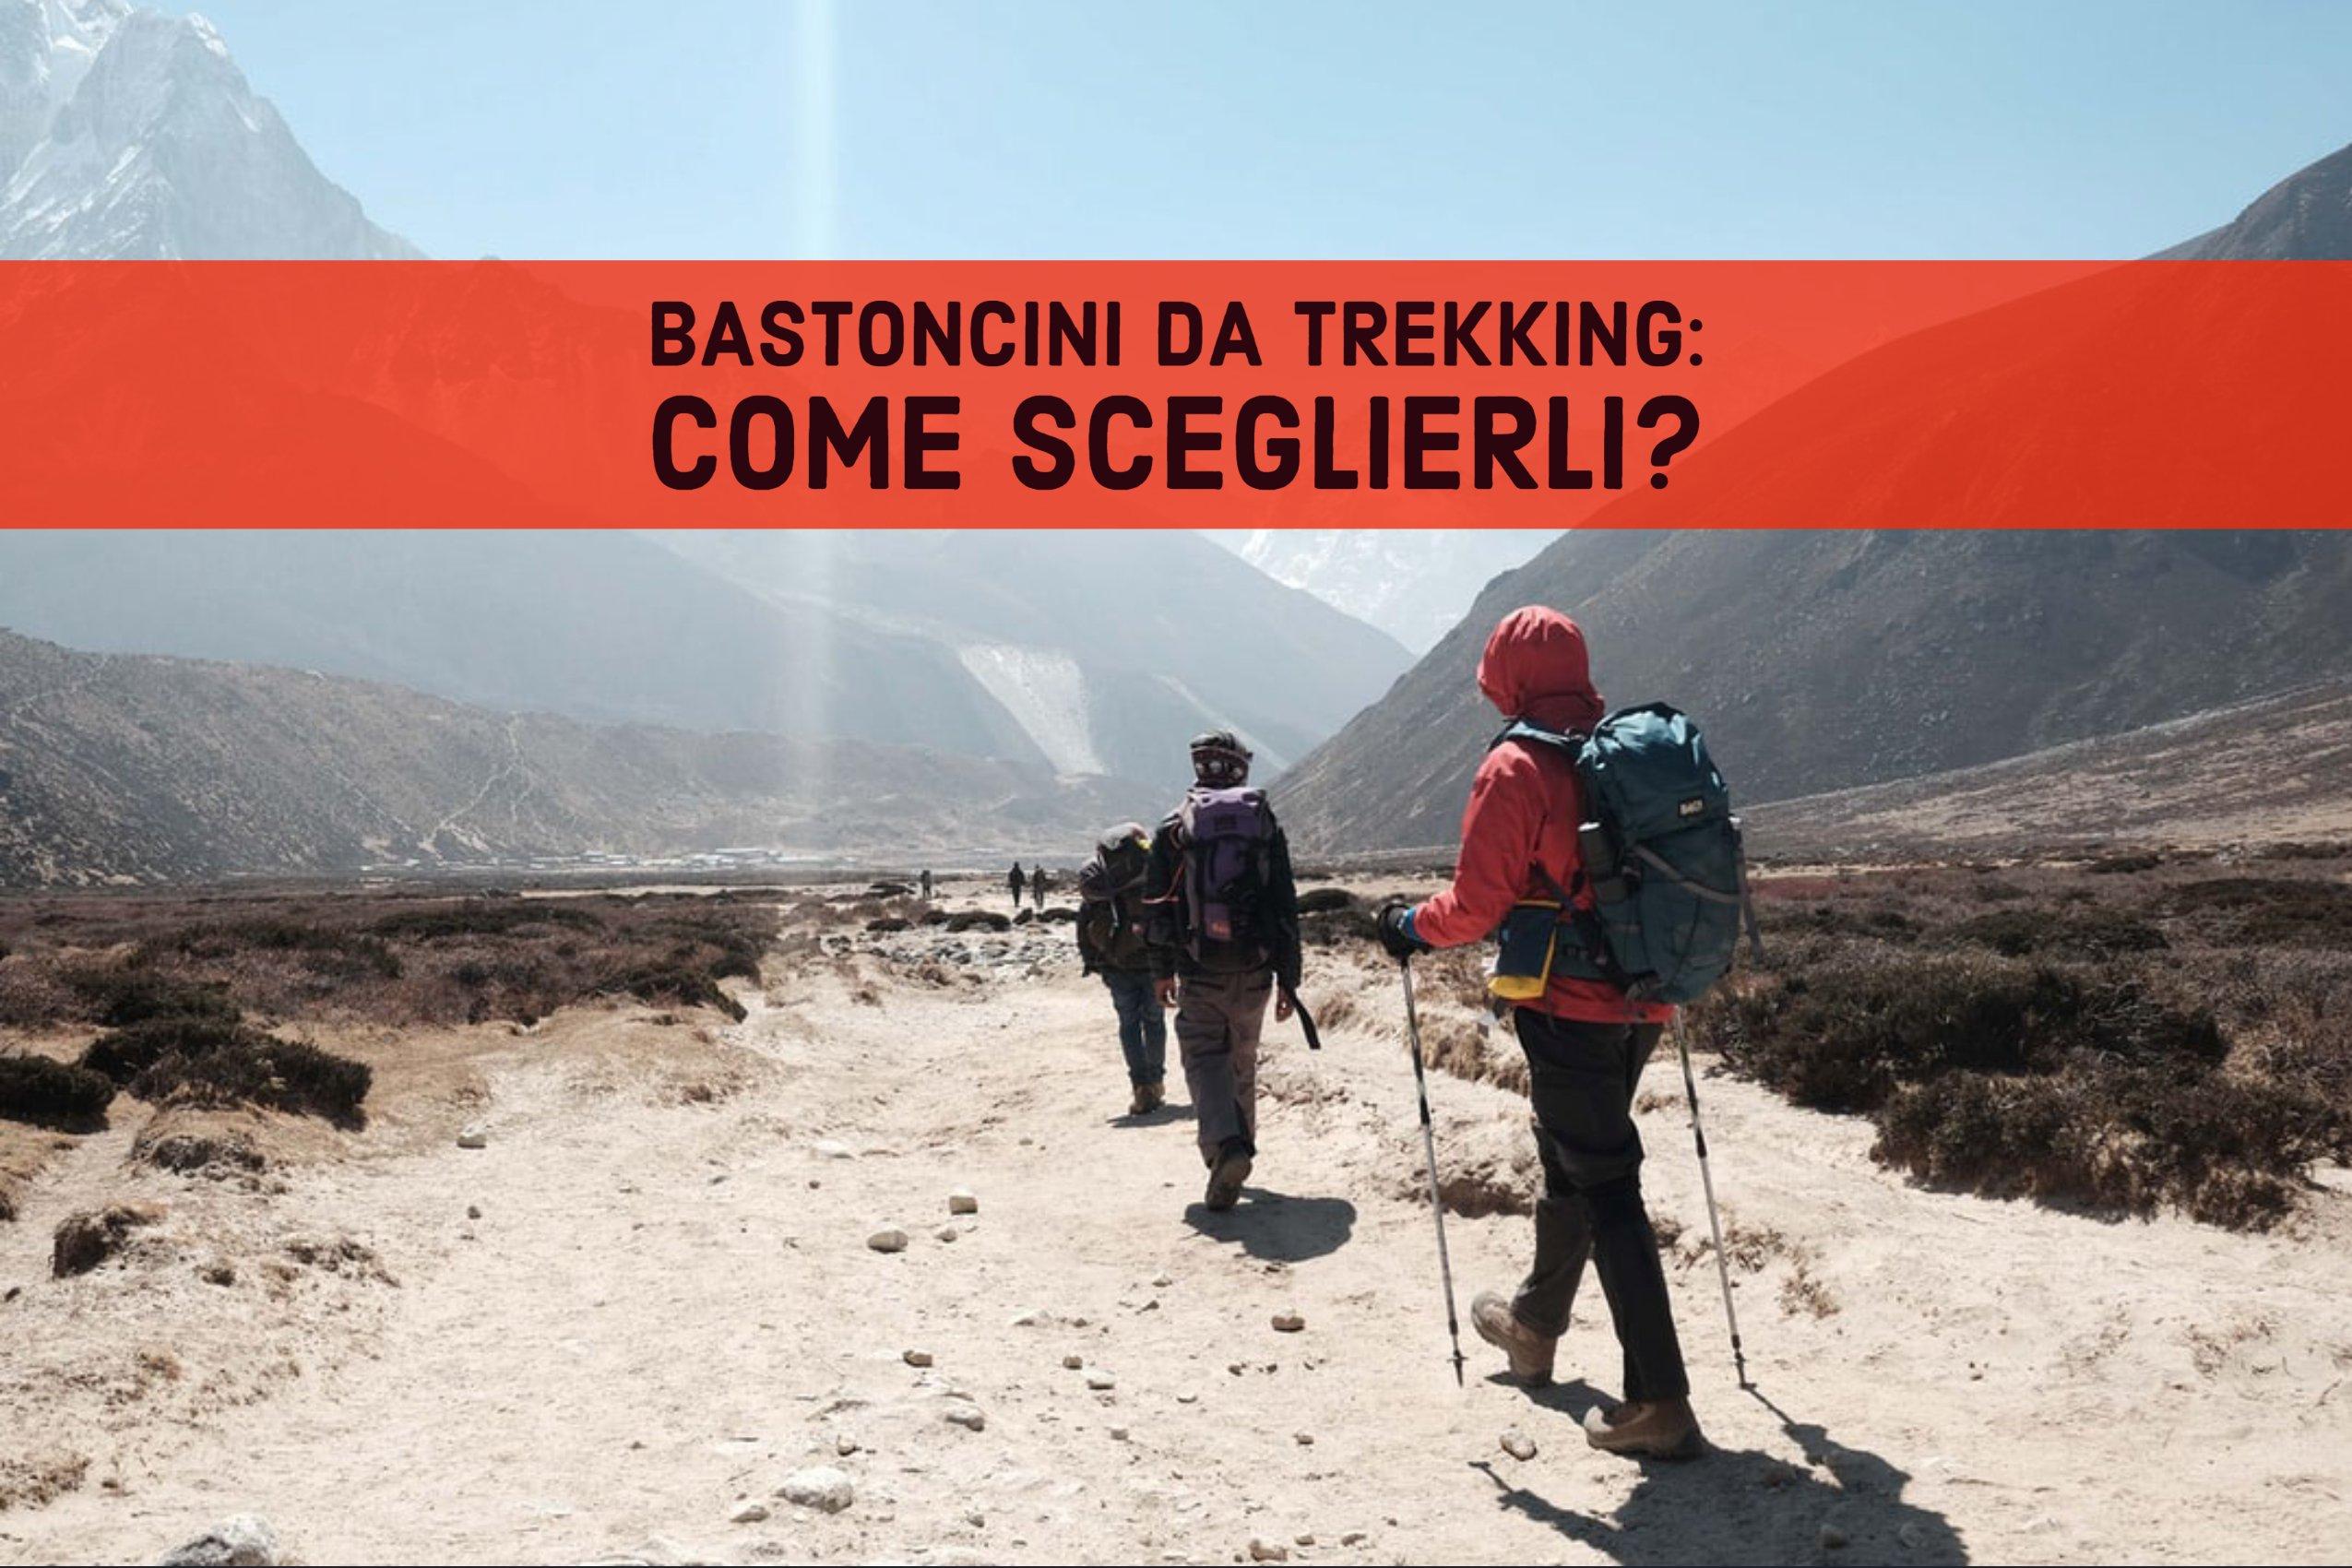 Una giornata di trekking: quali bastoncini comprare?